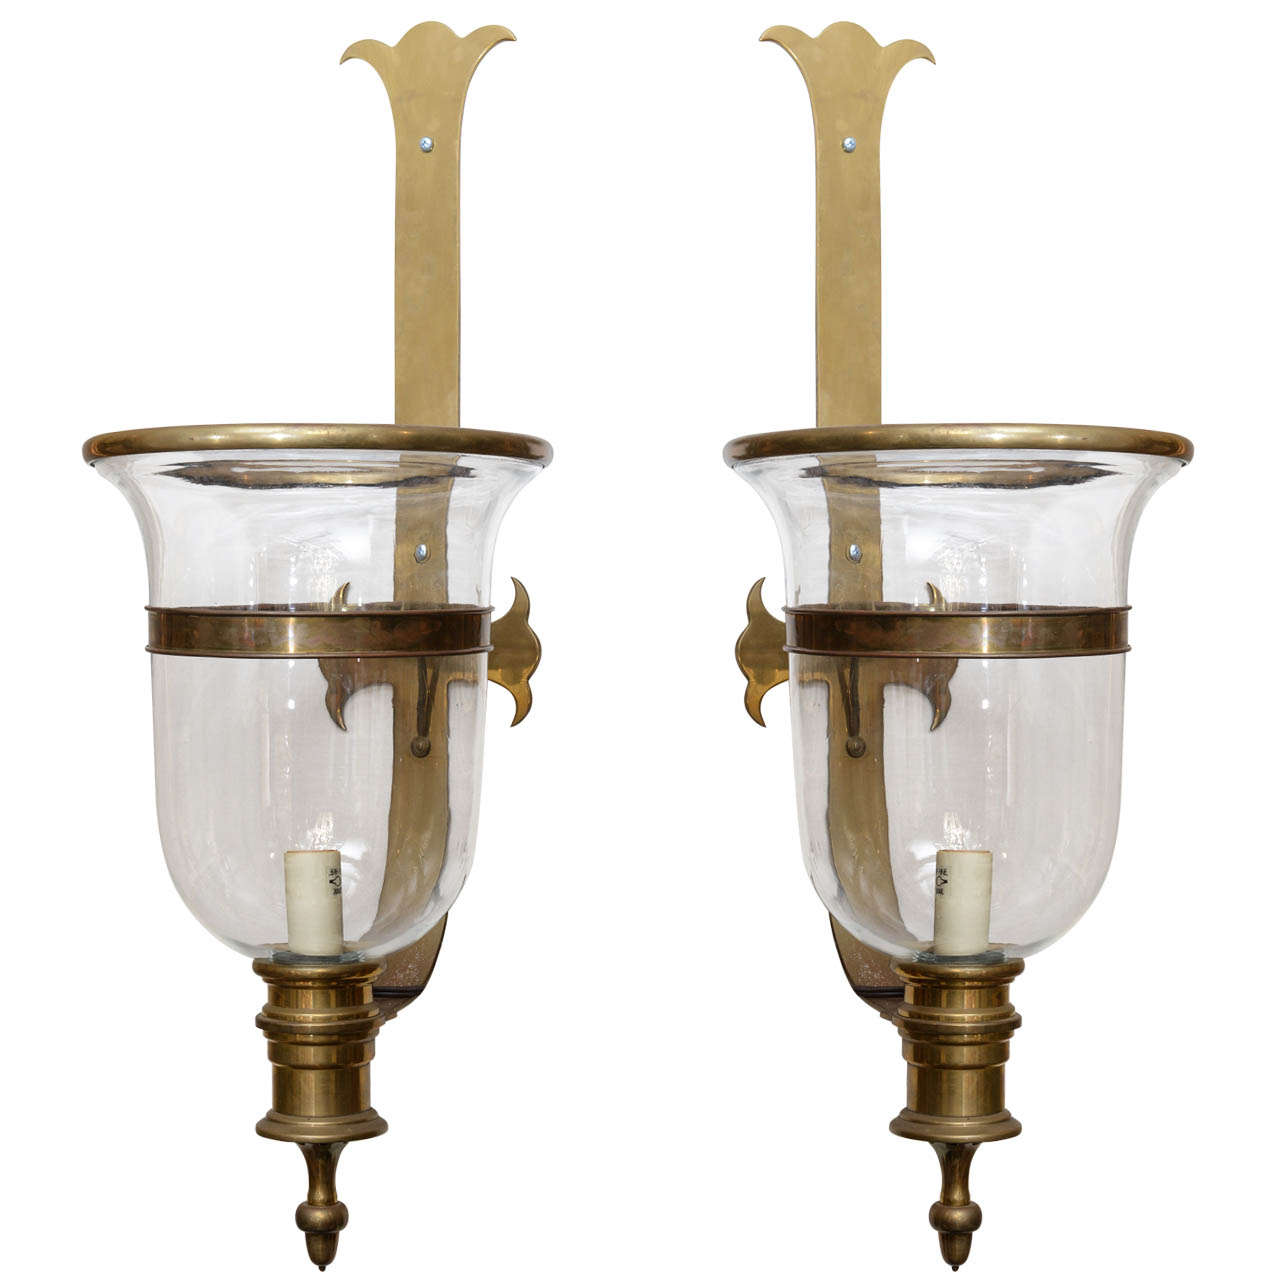 Pair of Vintage Chapman Brass Hurricane Lanterns at 1stdibs